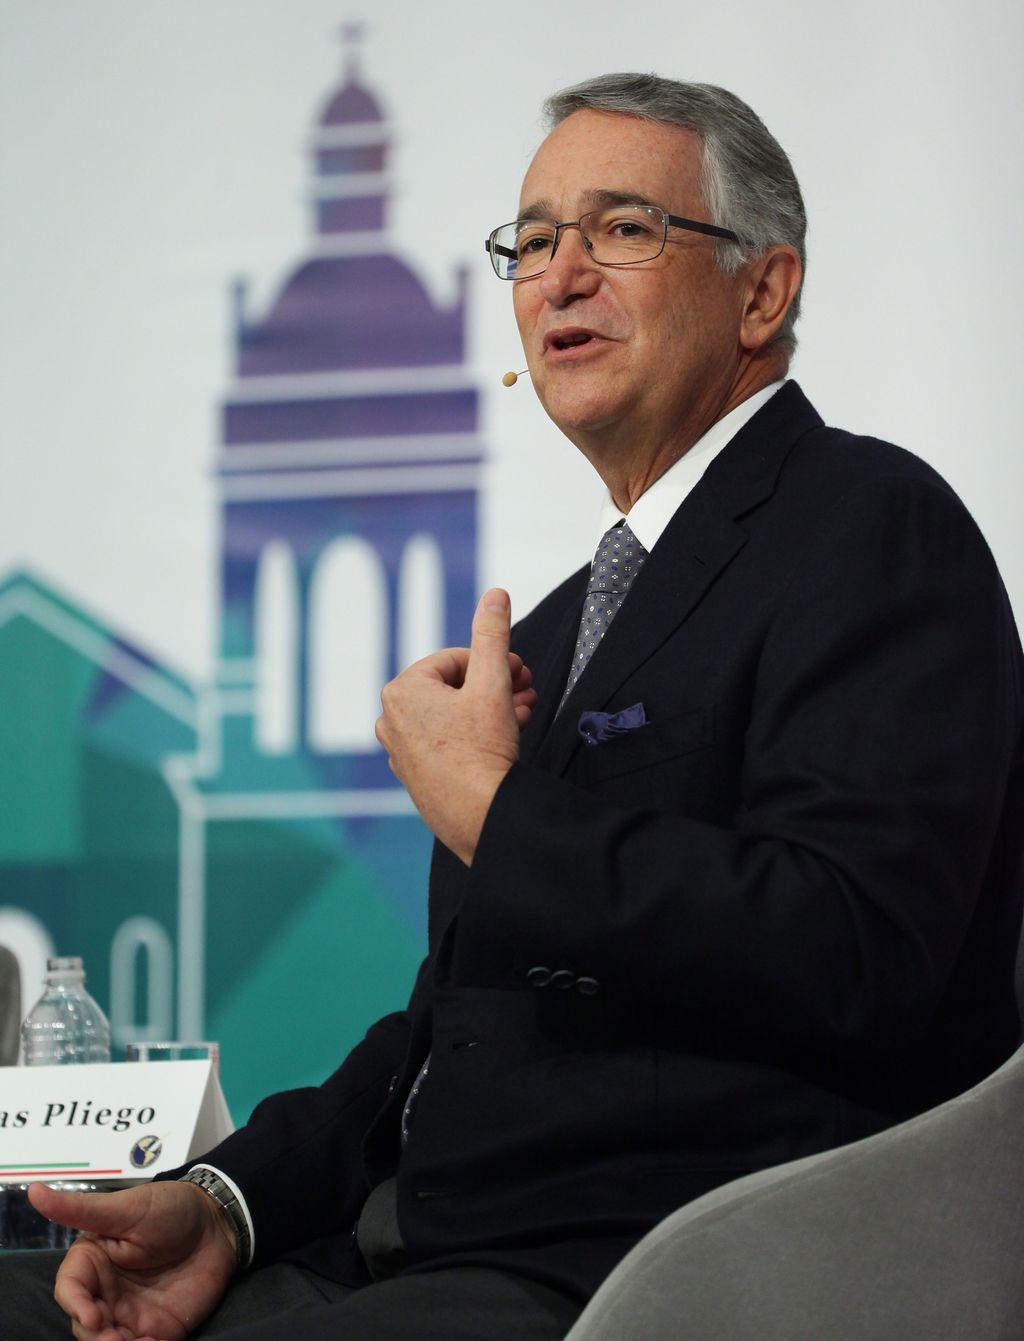 El empresario Ricardo Salinas Pliego señaló que el sistema socialista no ha prosperado.